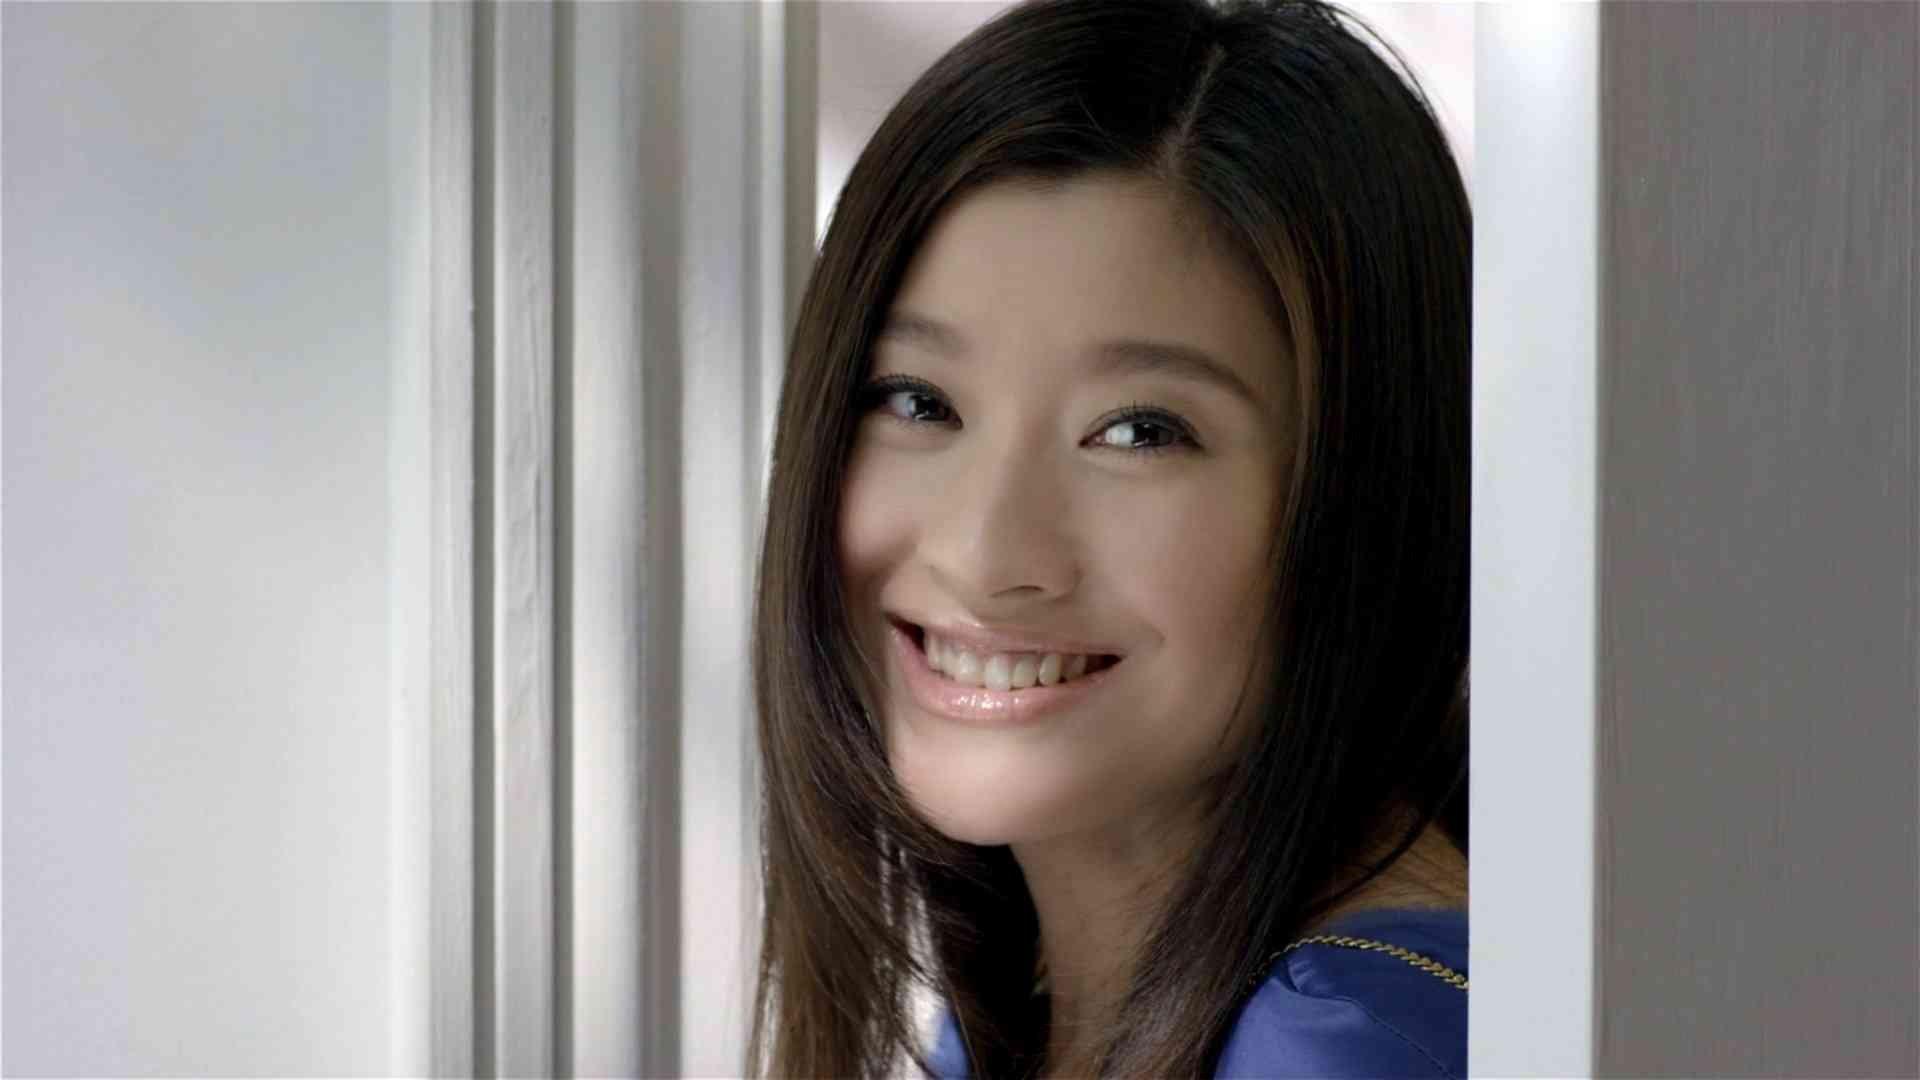 shinohara ryoko beautiful breasts fba3e5238a1705da5db31e459de751cc 0 - 篠原涼子がCMでブラ姿を披露!美しすぎる胸のカップ数は?!